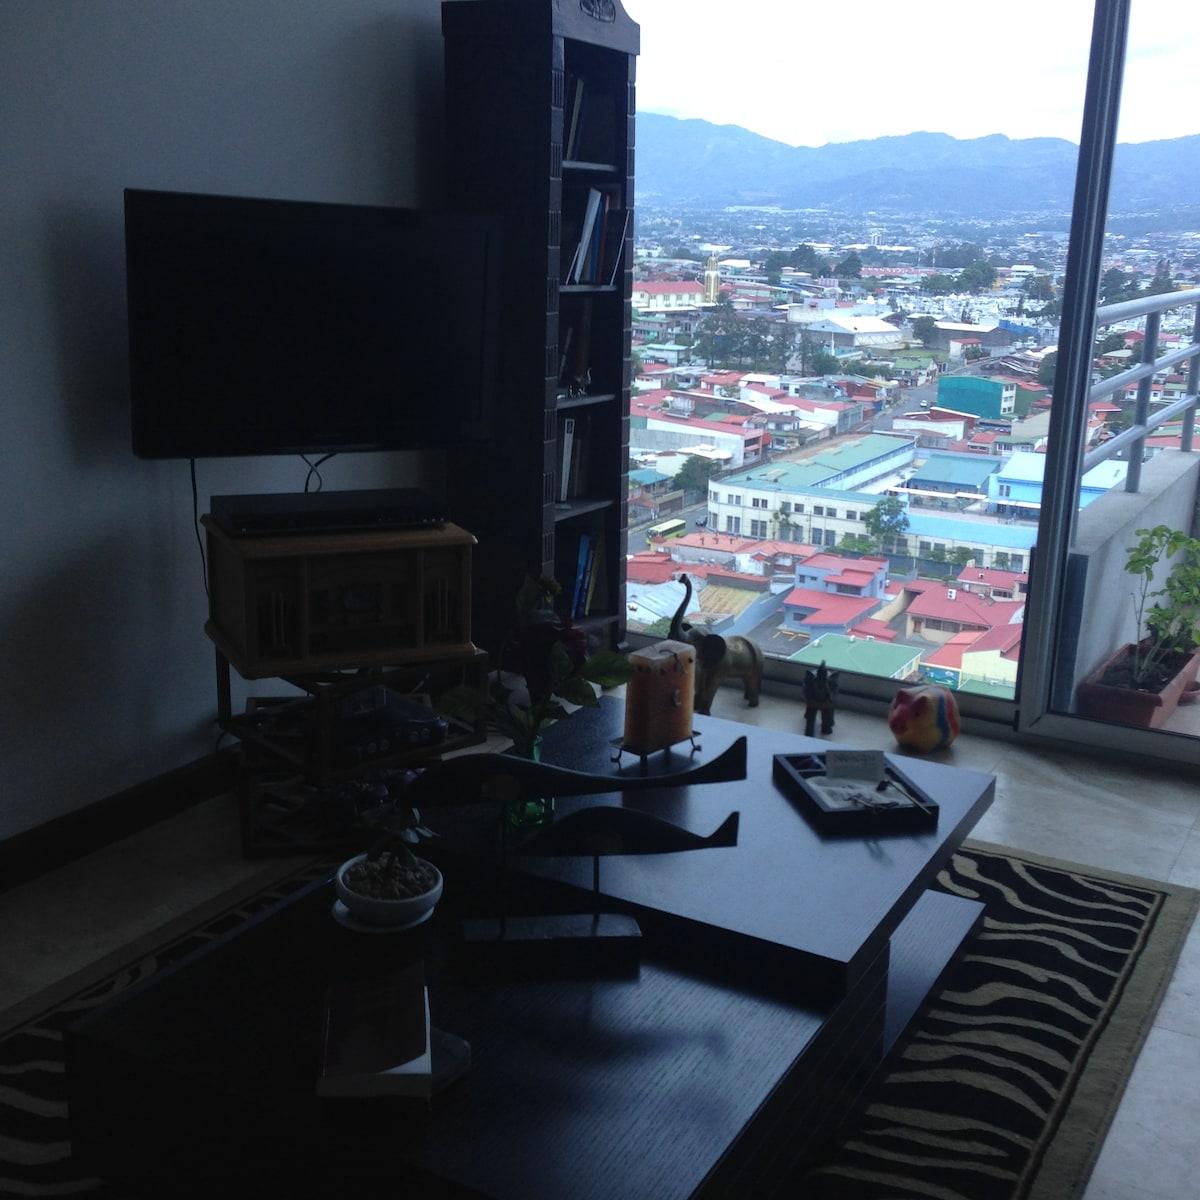 Center of City Priv. Room